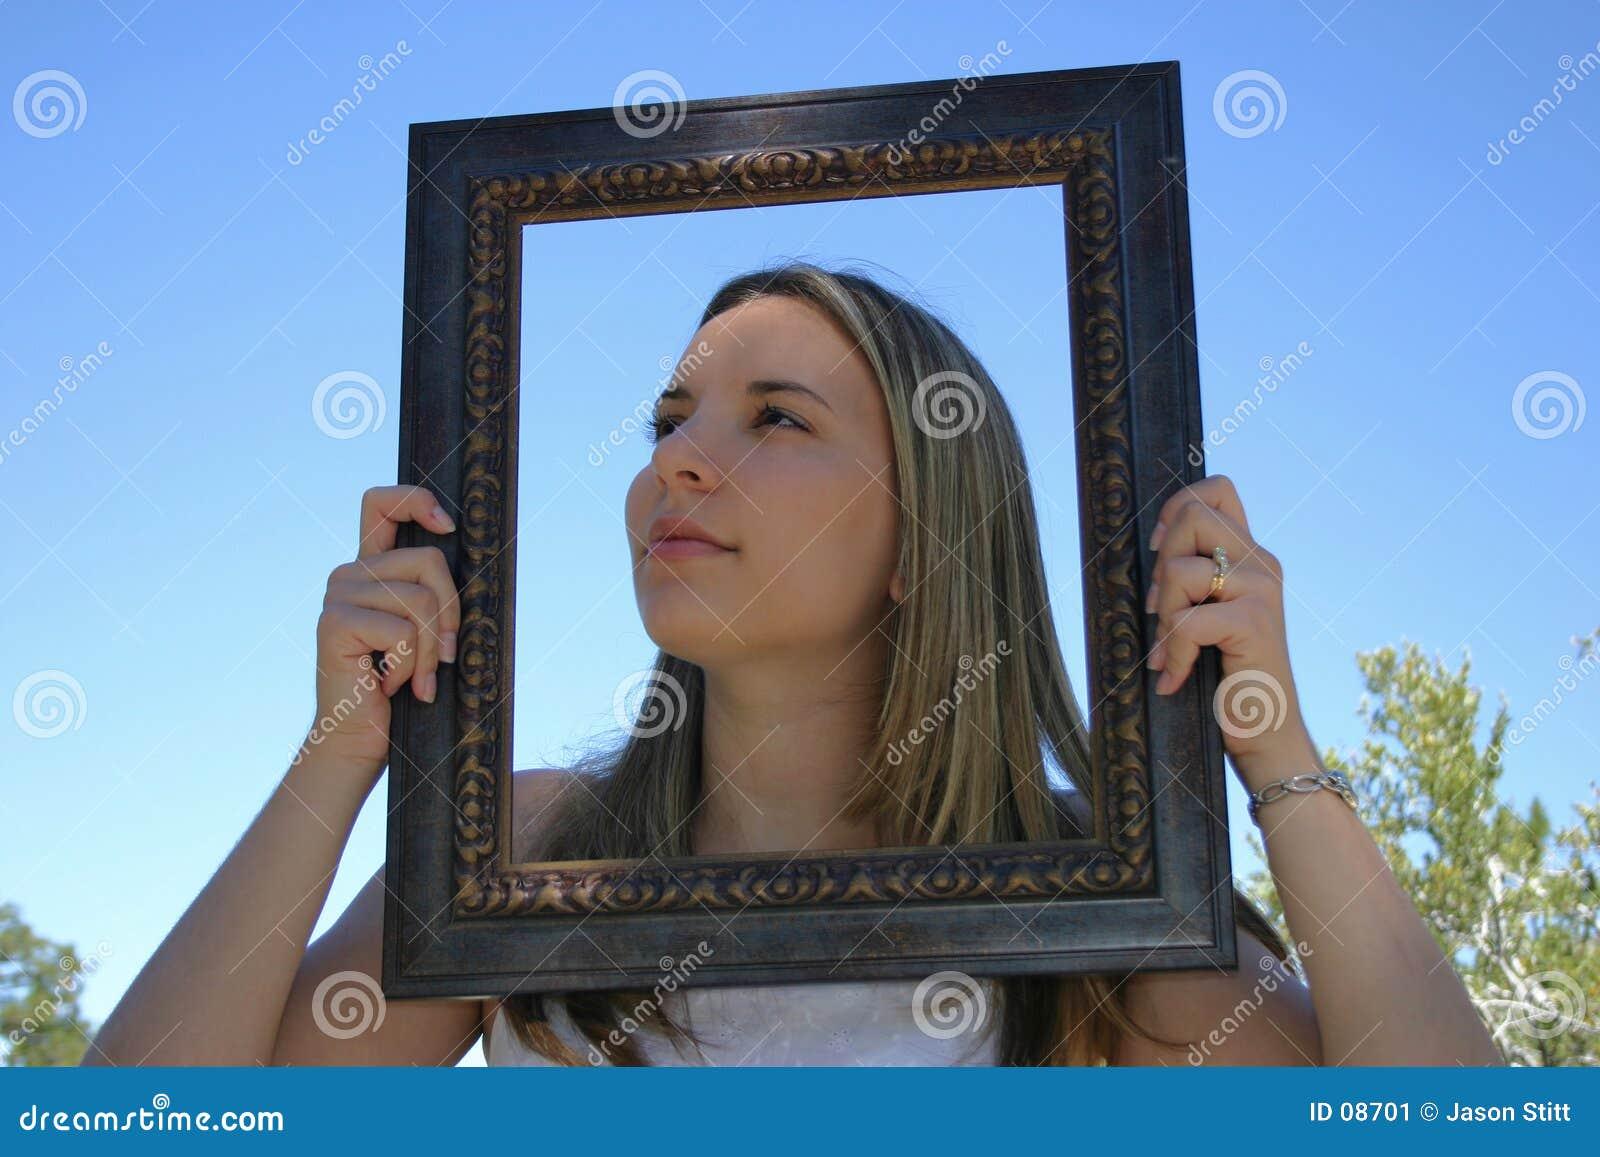 Frame Woman